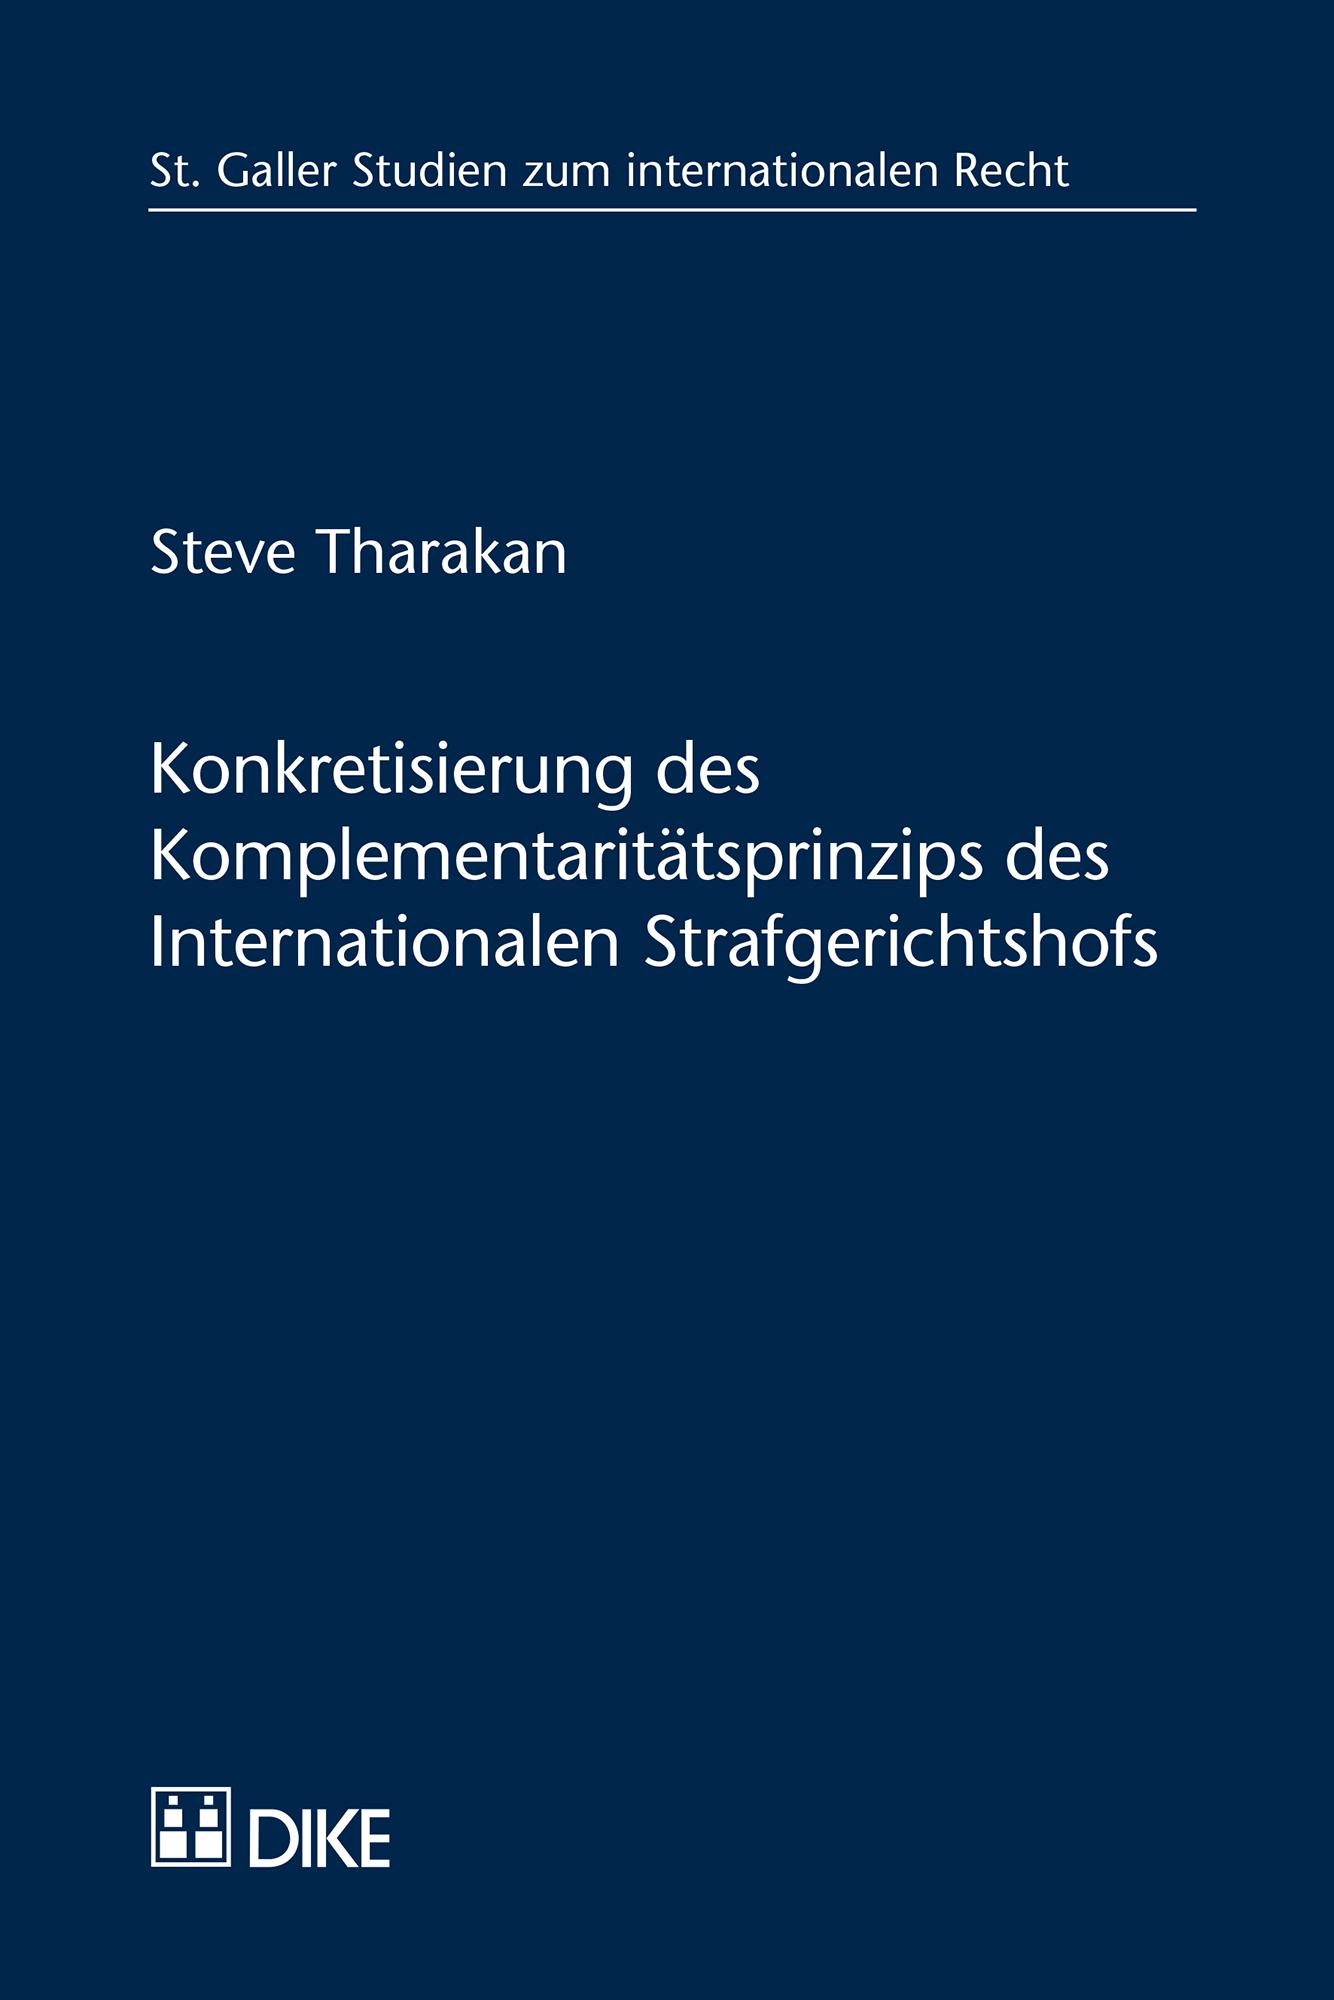 Konkretisierung des Komplementaritätsprinzips des Internationalen Strafgerichtshofs